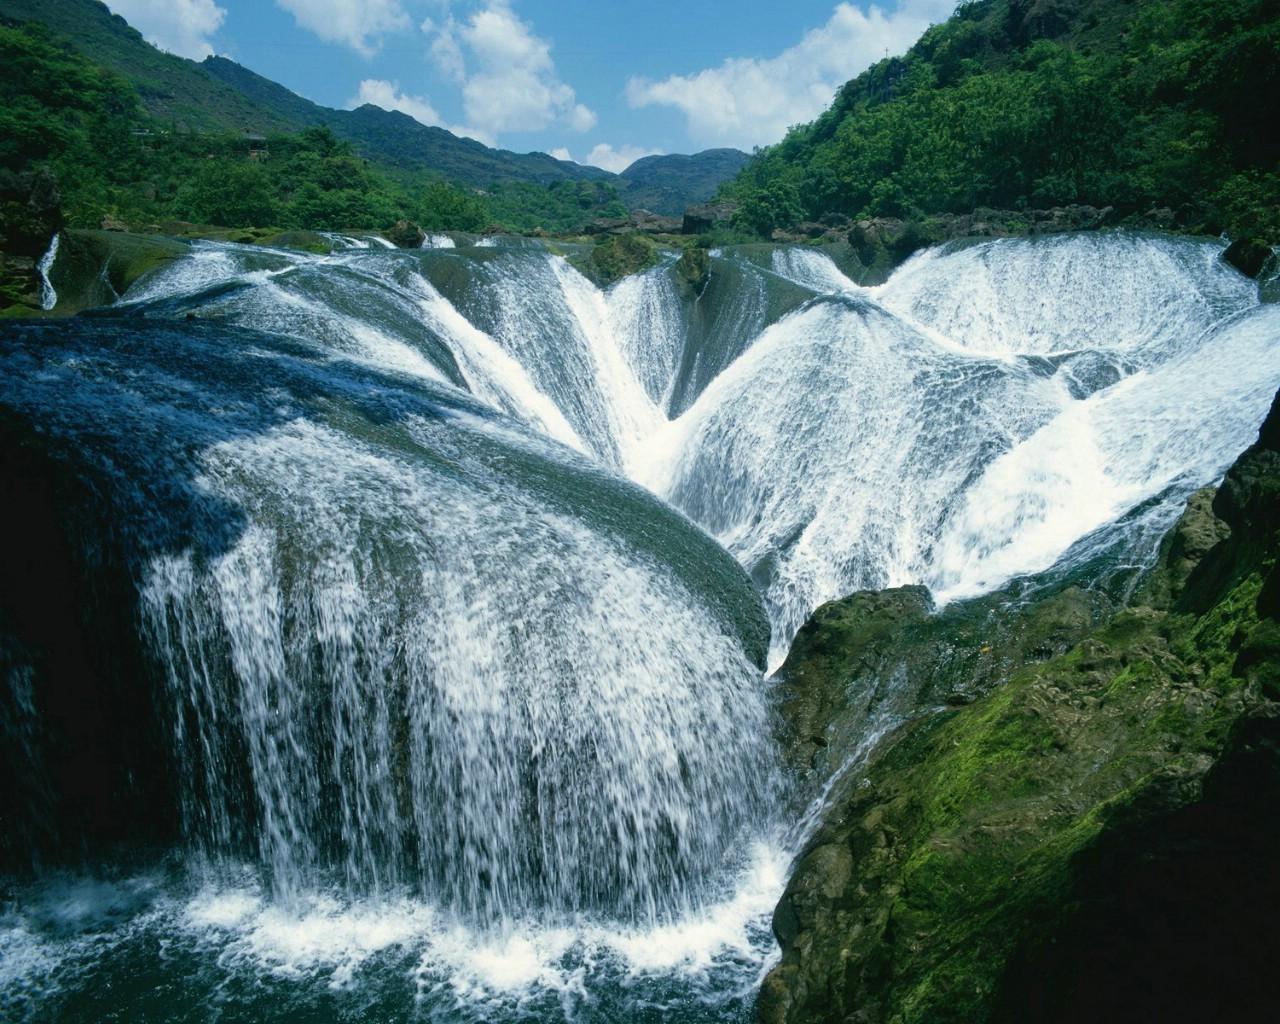 壁纸 风景 旅游 瀑布 山水 桌面 1280_1024